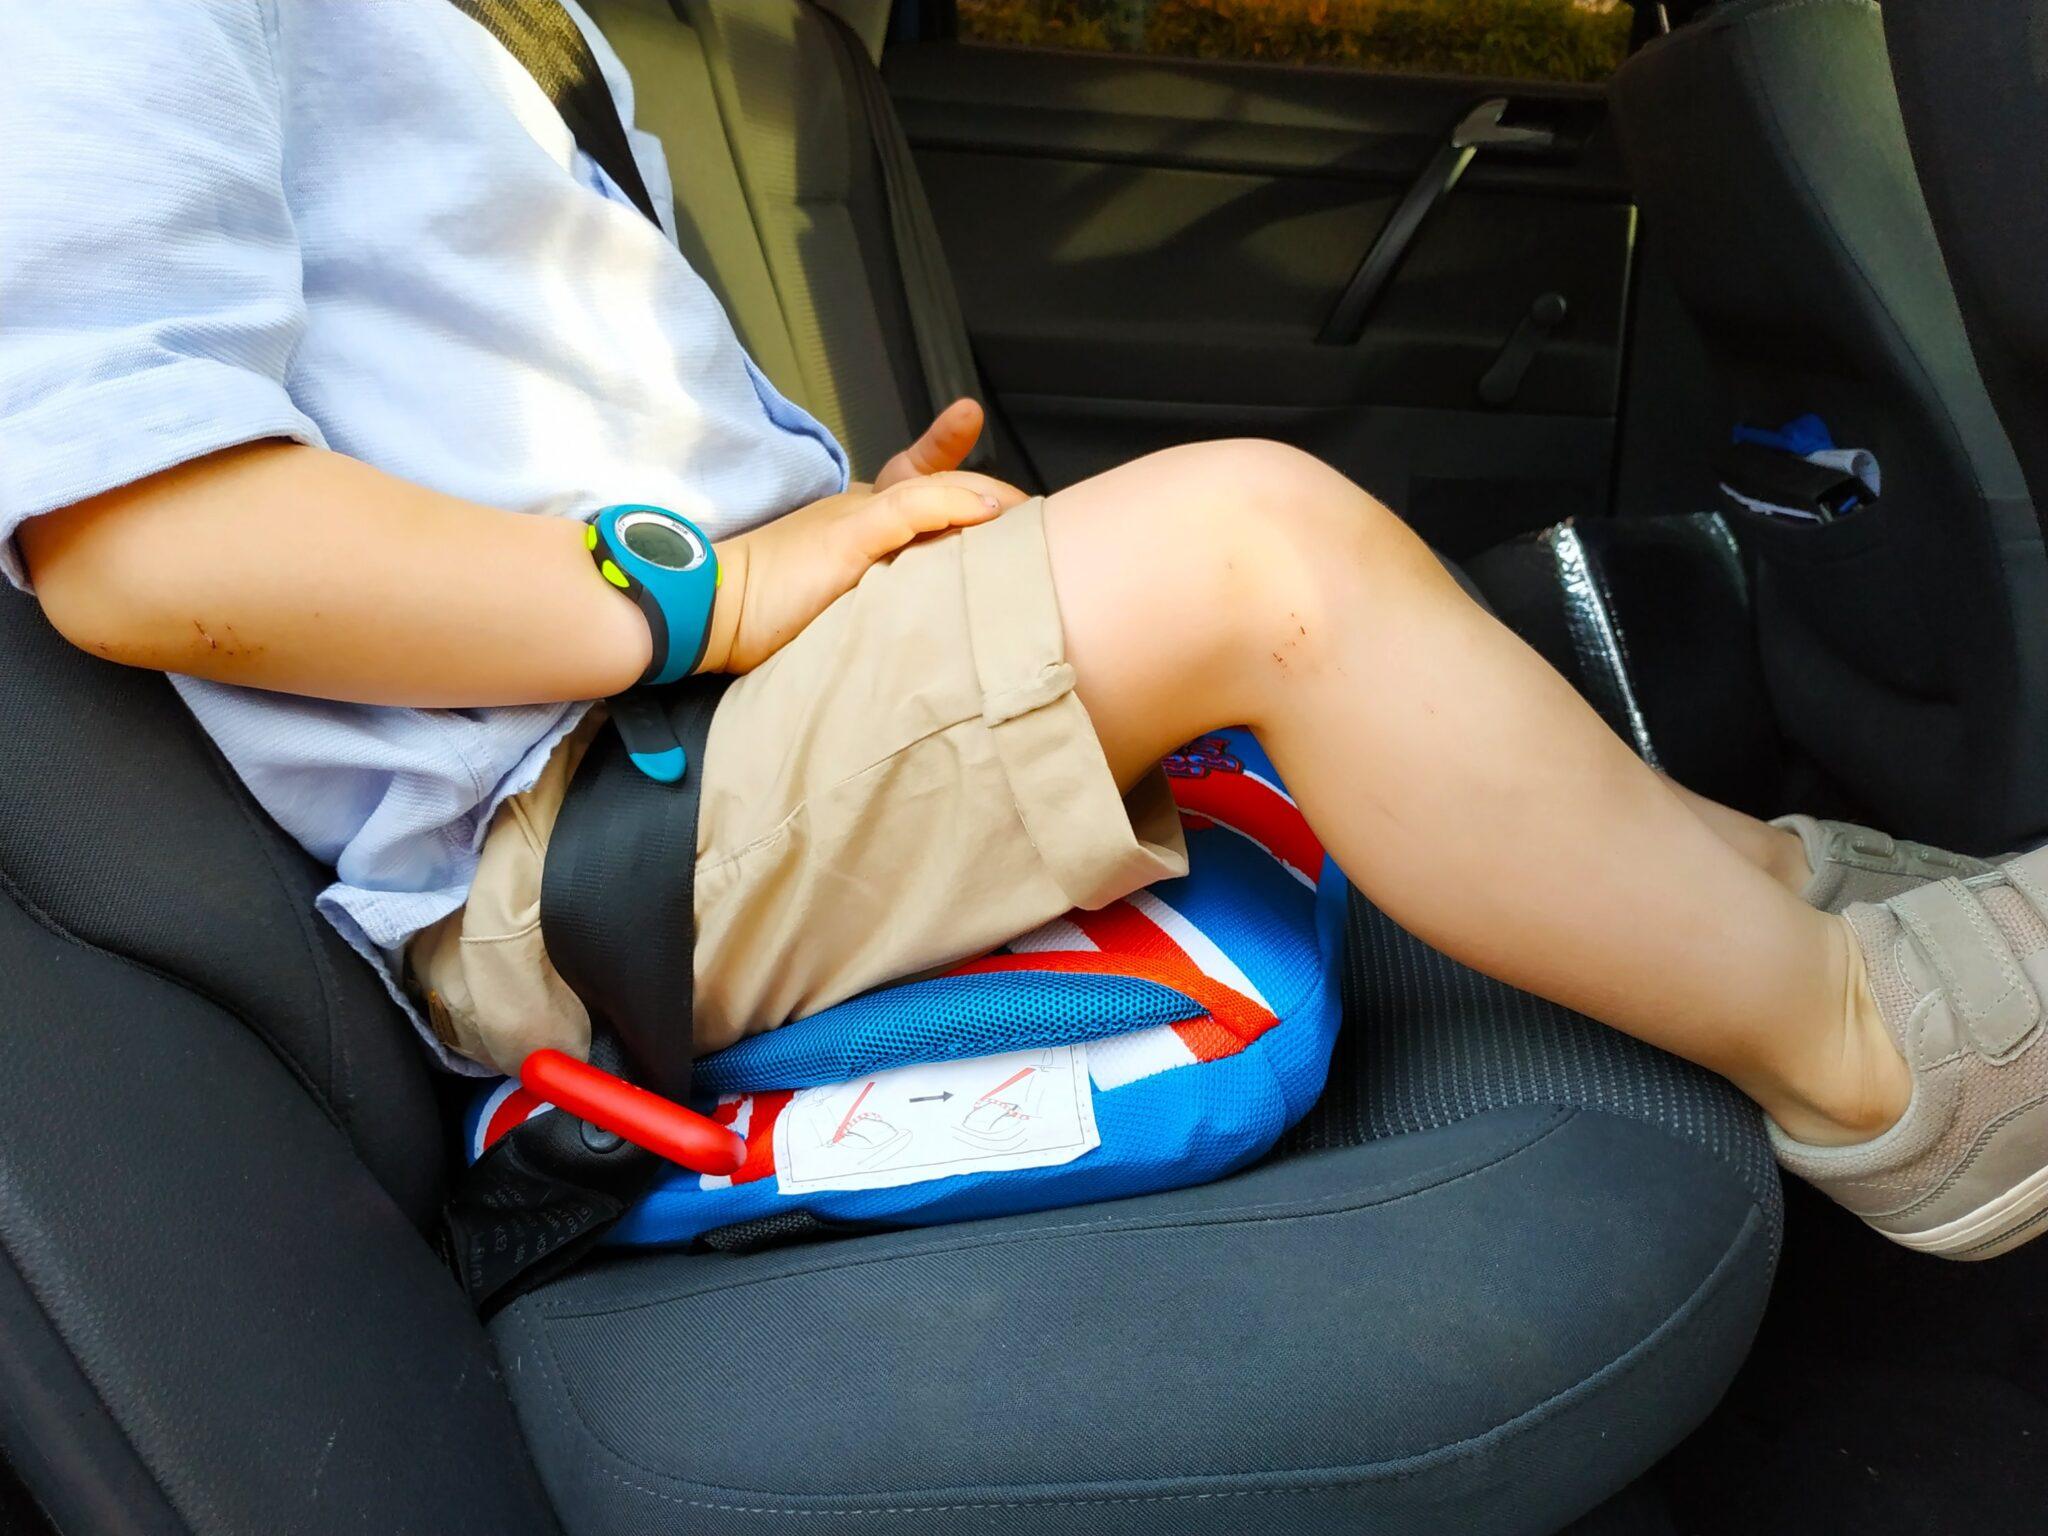 img 20190602 2014172560135389267936609 - Conoce el alzador de coche compacto Bubble Bum. Ideal para viajar!